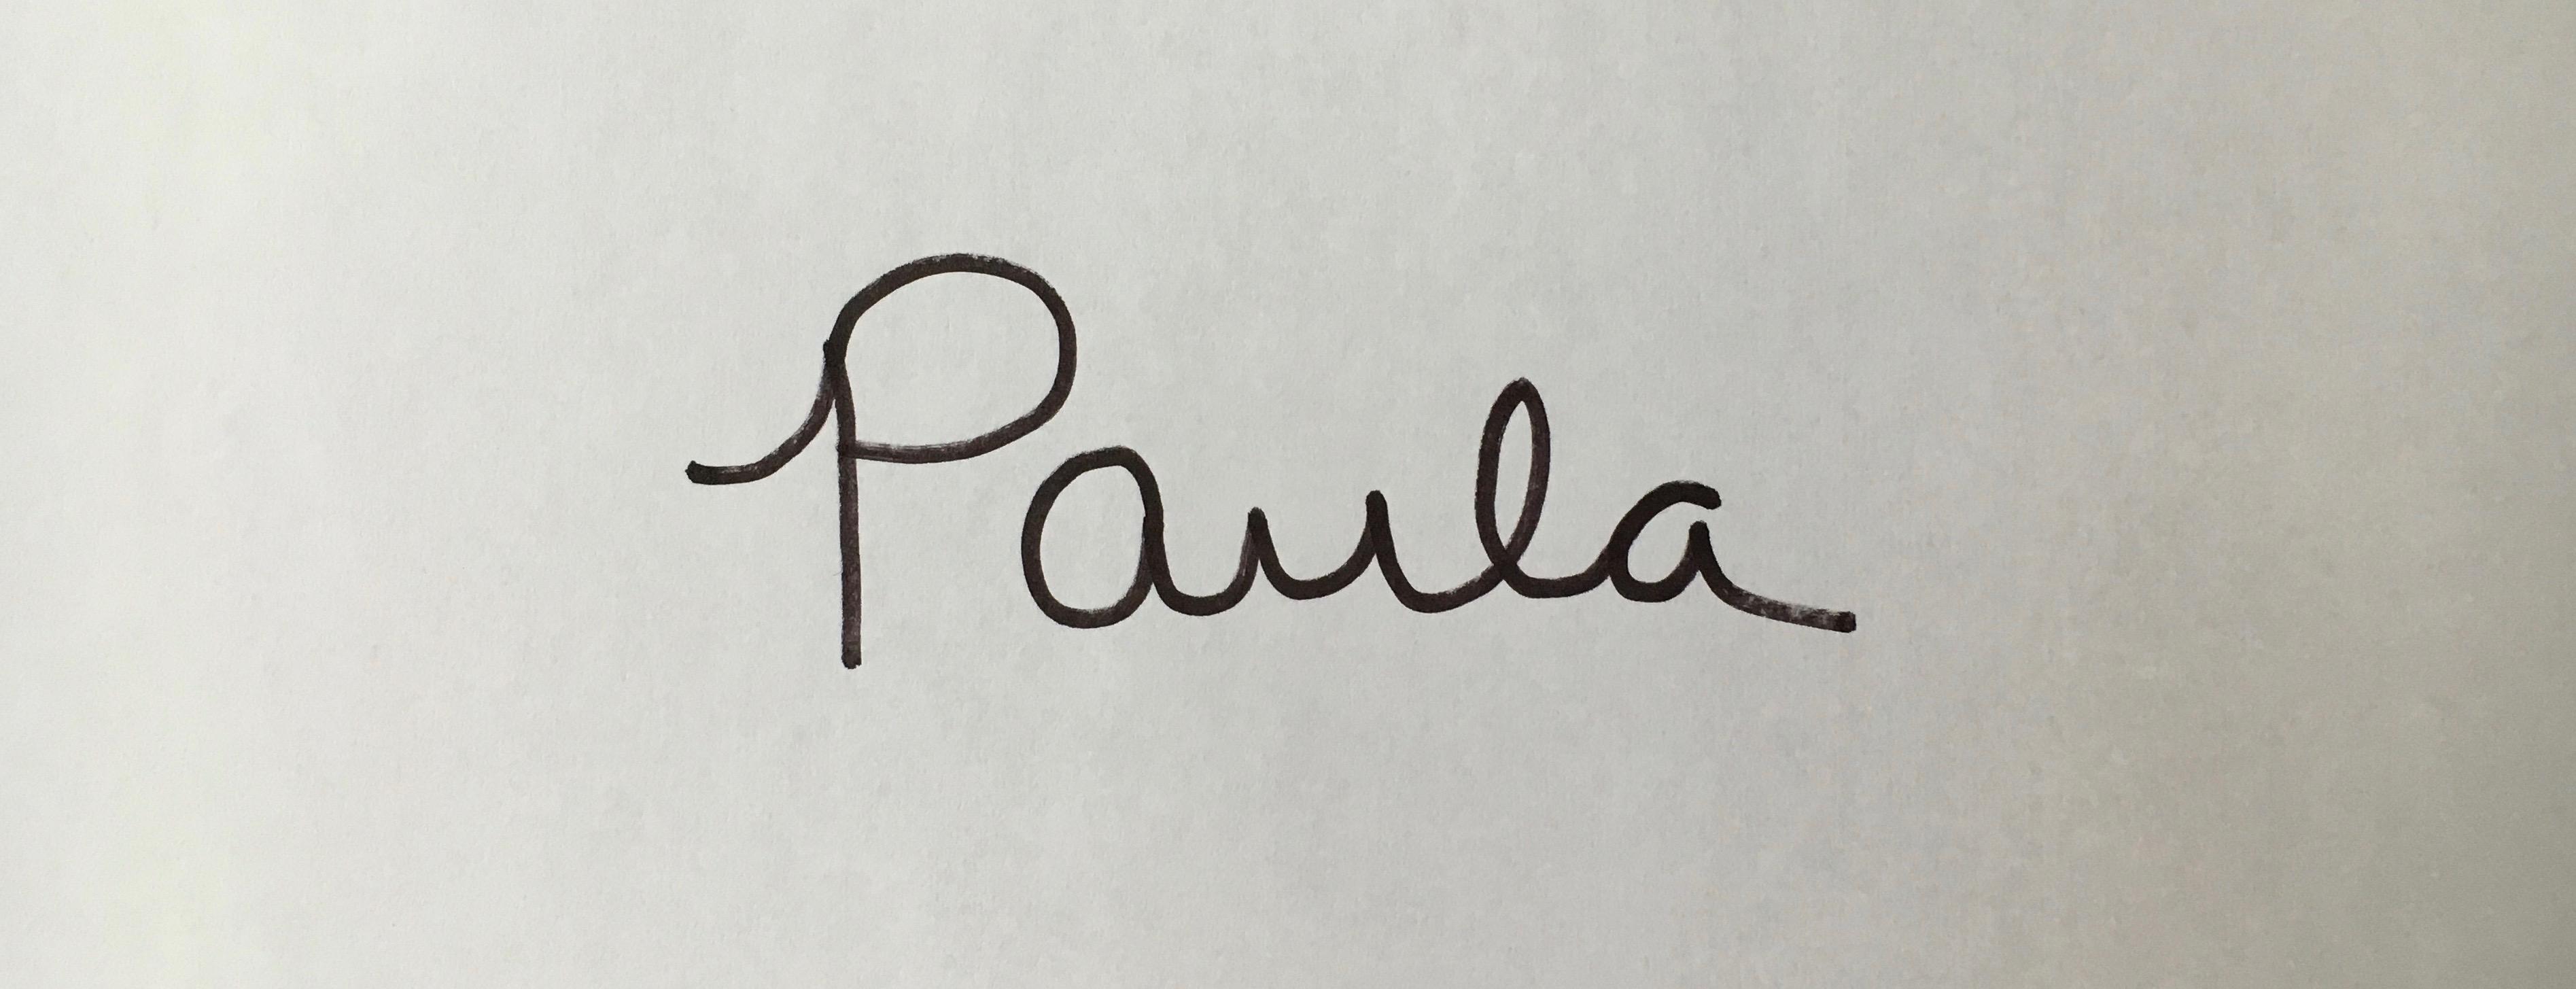 Paula Williams's Signature